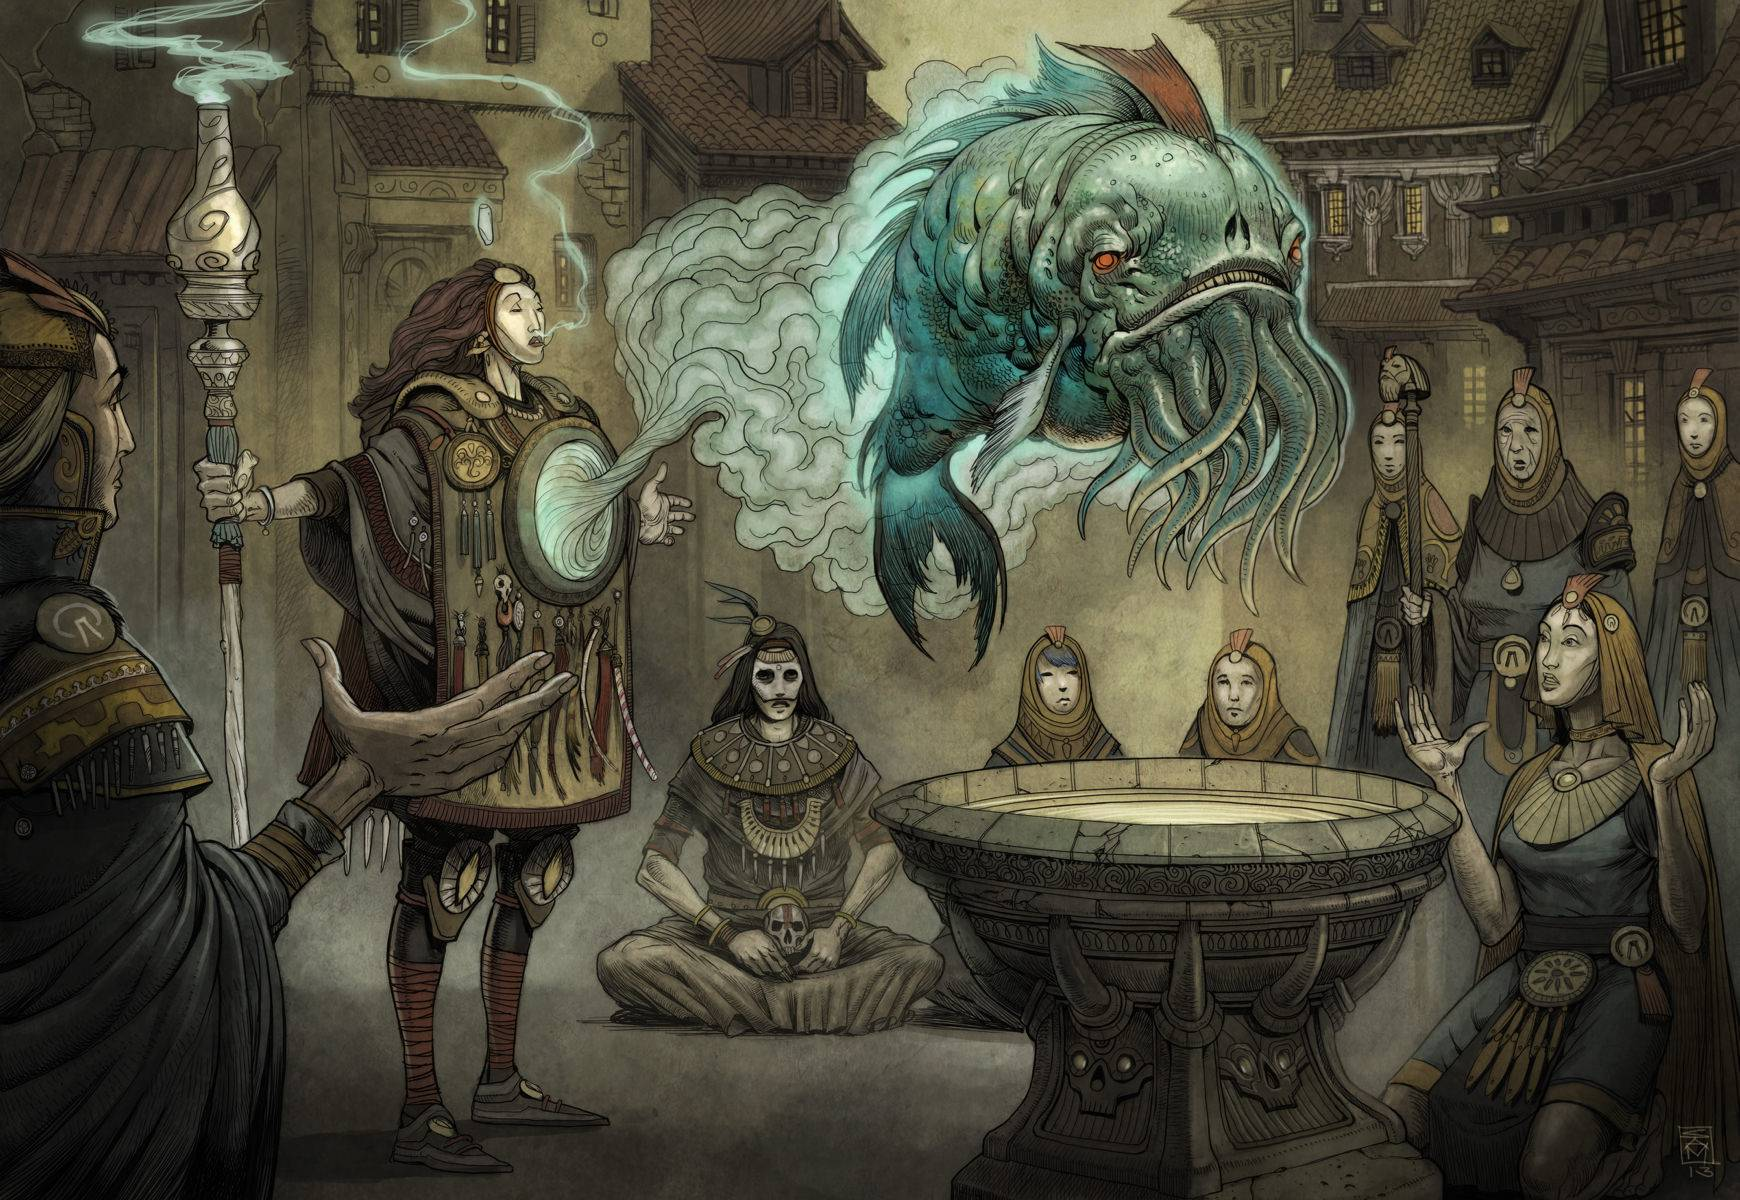 «Город Врат»: отменный иллюстрированный путеводитель для поклонников сюрреалистичного фэнтези 12